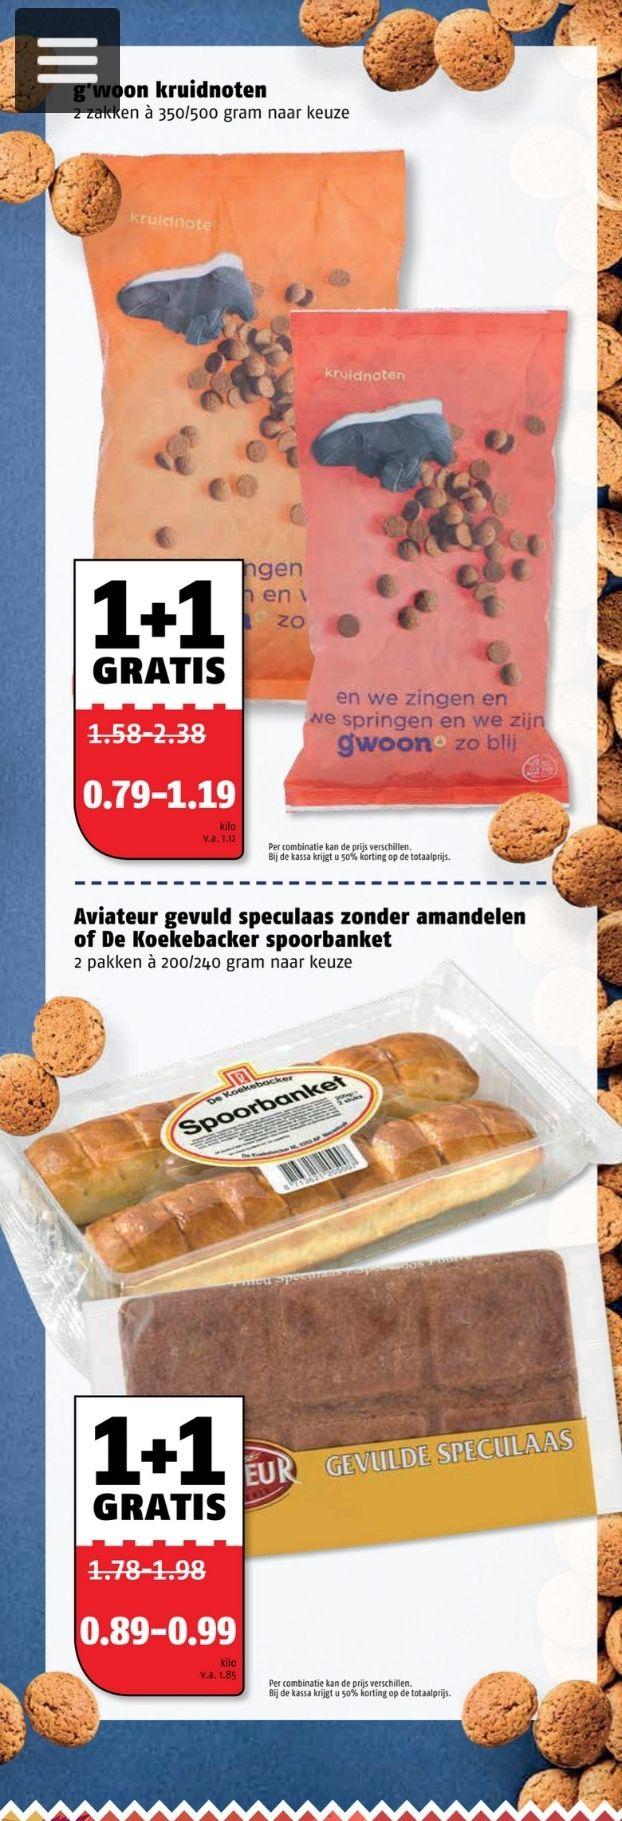 1 + 1 gratis op kruidnoten en speculaas bij poiesz